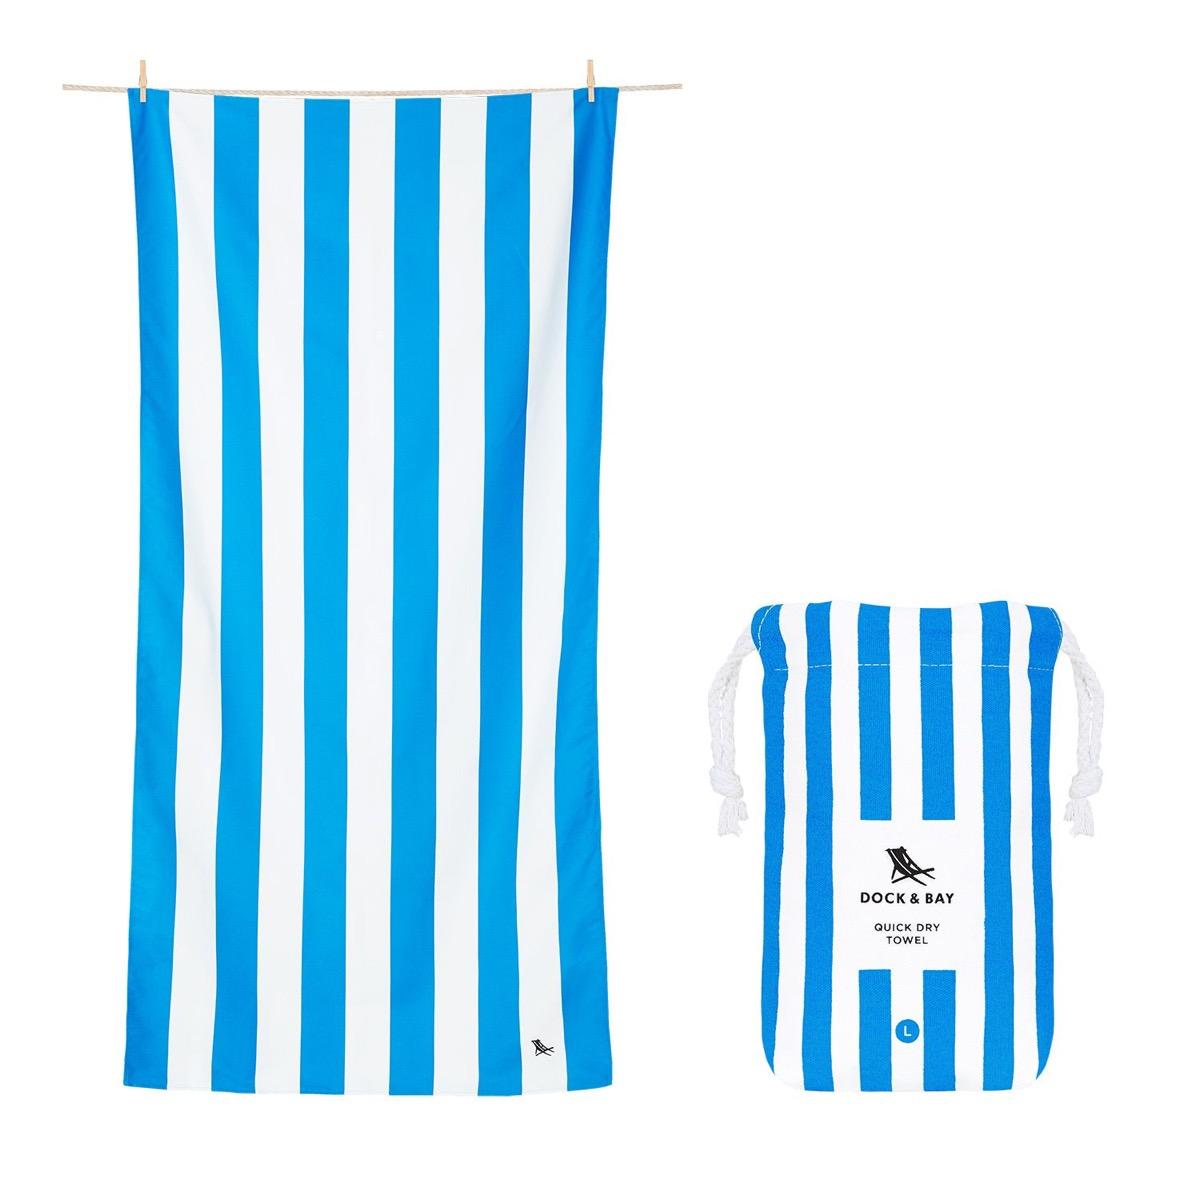 Dock & Bay Towel Travel Accessories